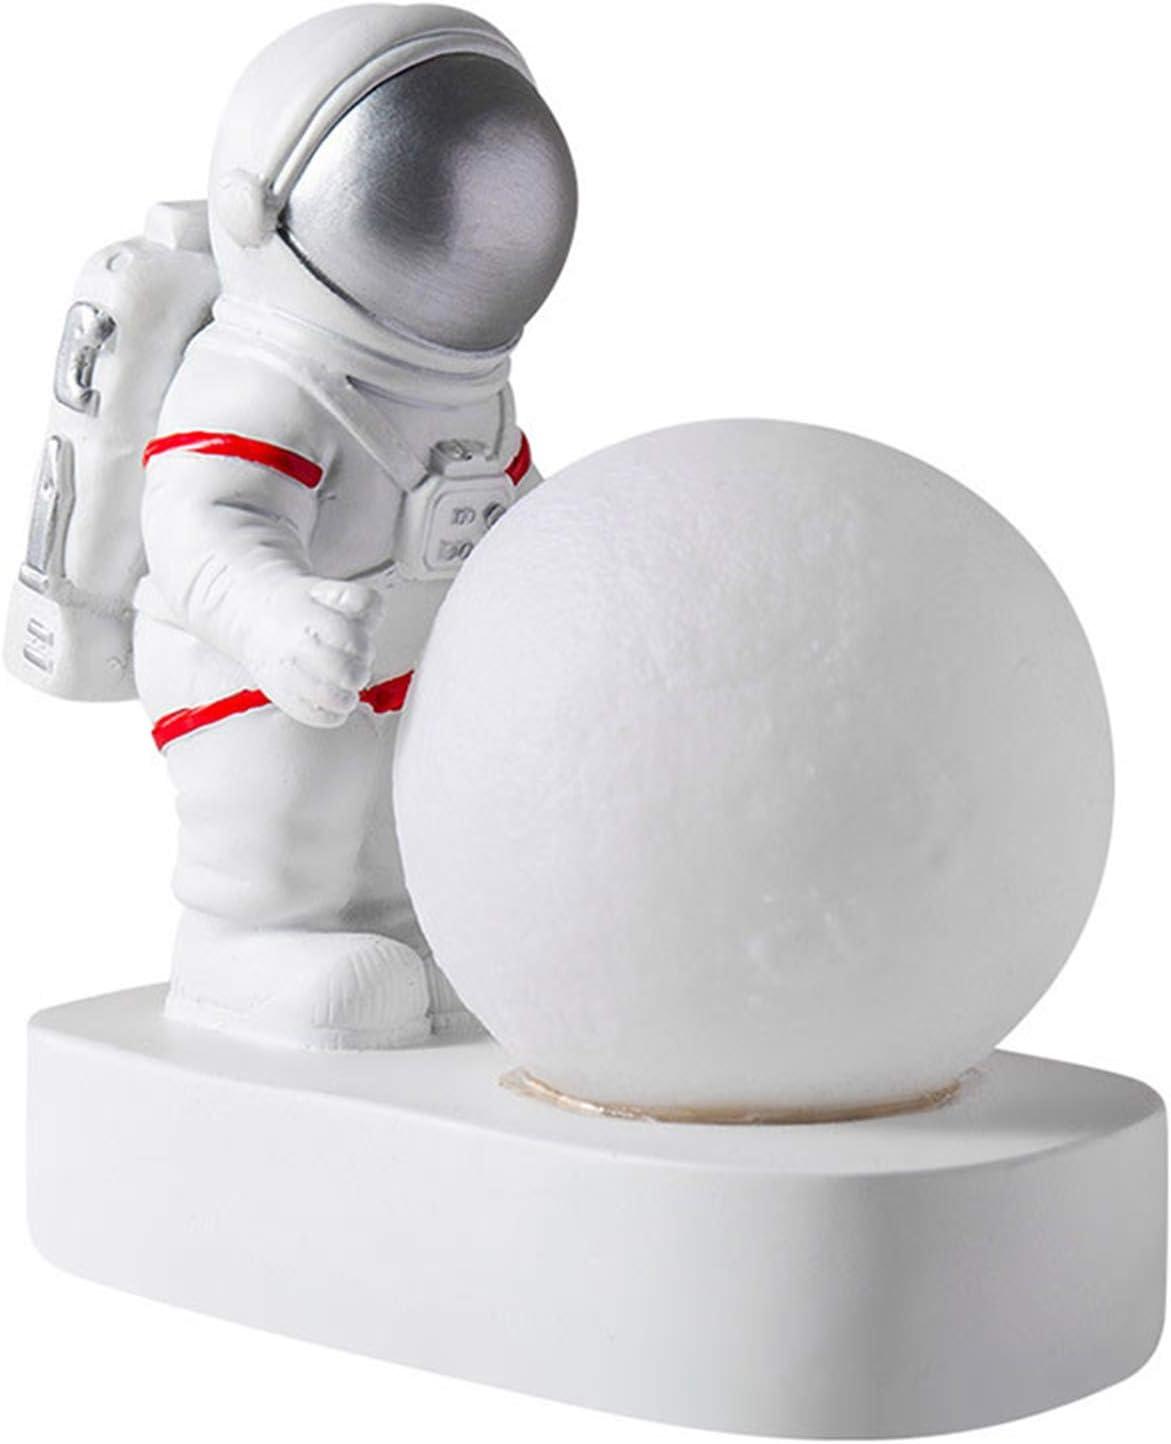 Zhangjiang Astronaut Resin Statues Free Shipping New Bombing free shipping Moon Decor Lamp De